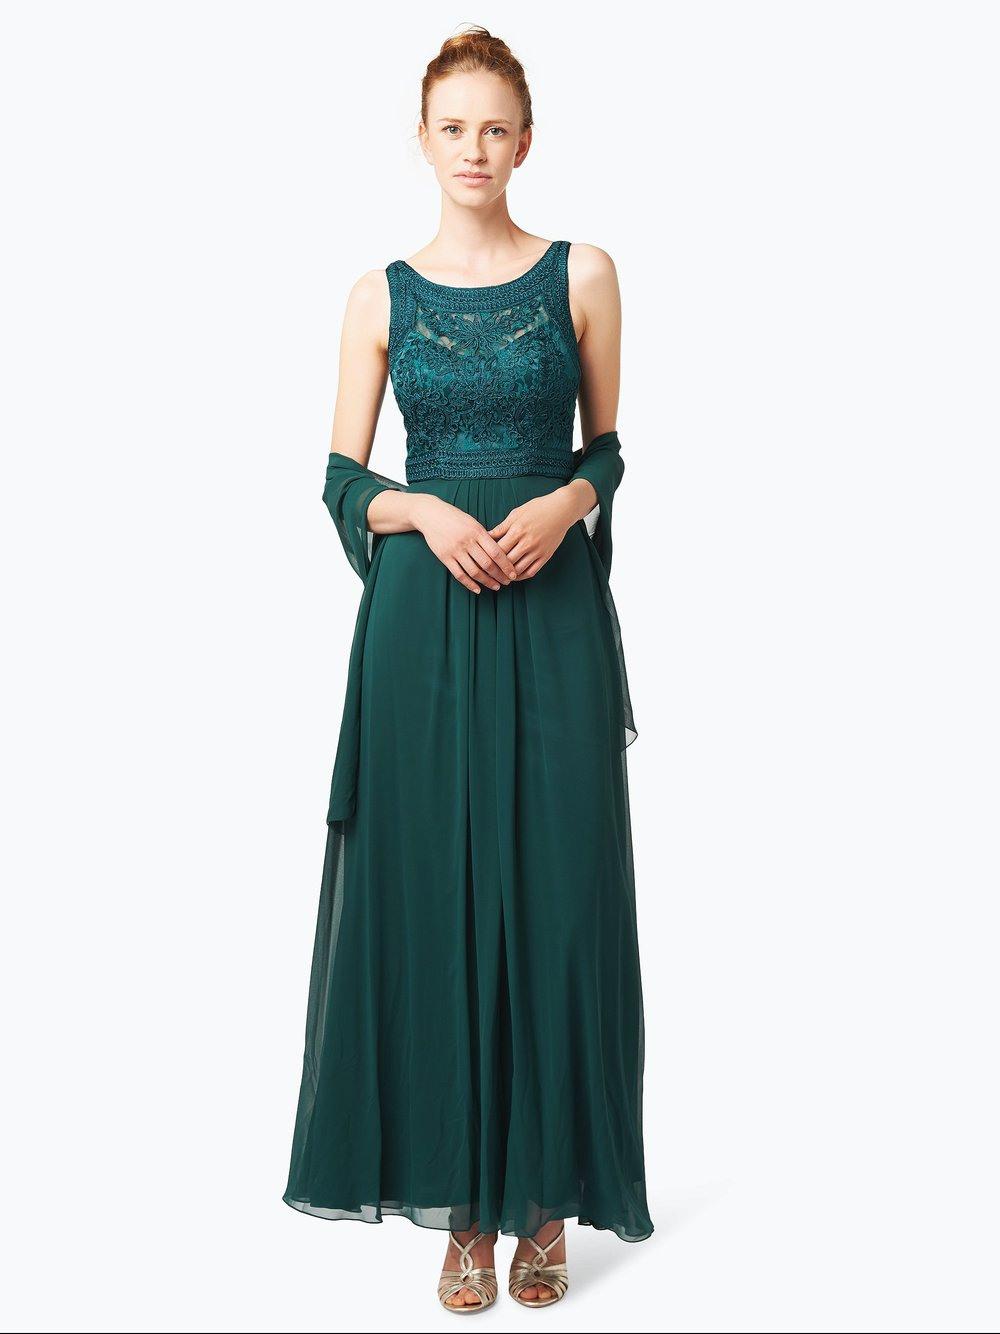 Einfach Abendkleid Damen Spezialgebiet13 Elegant Abendkleid Damen Spezialgebiet